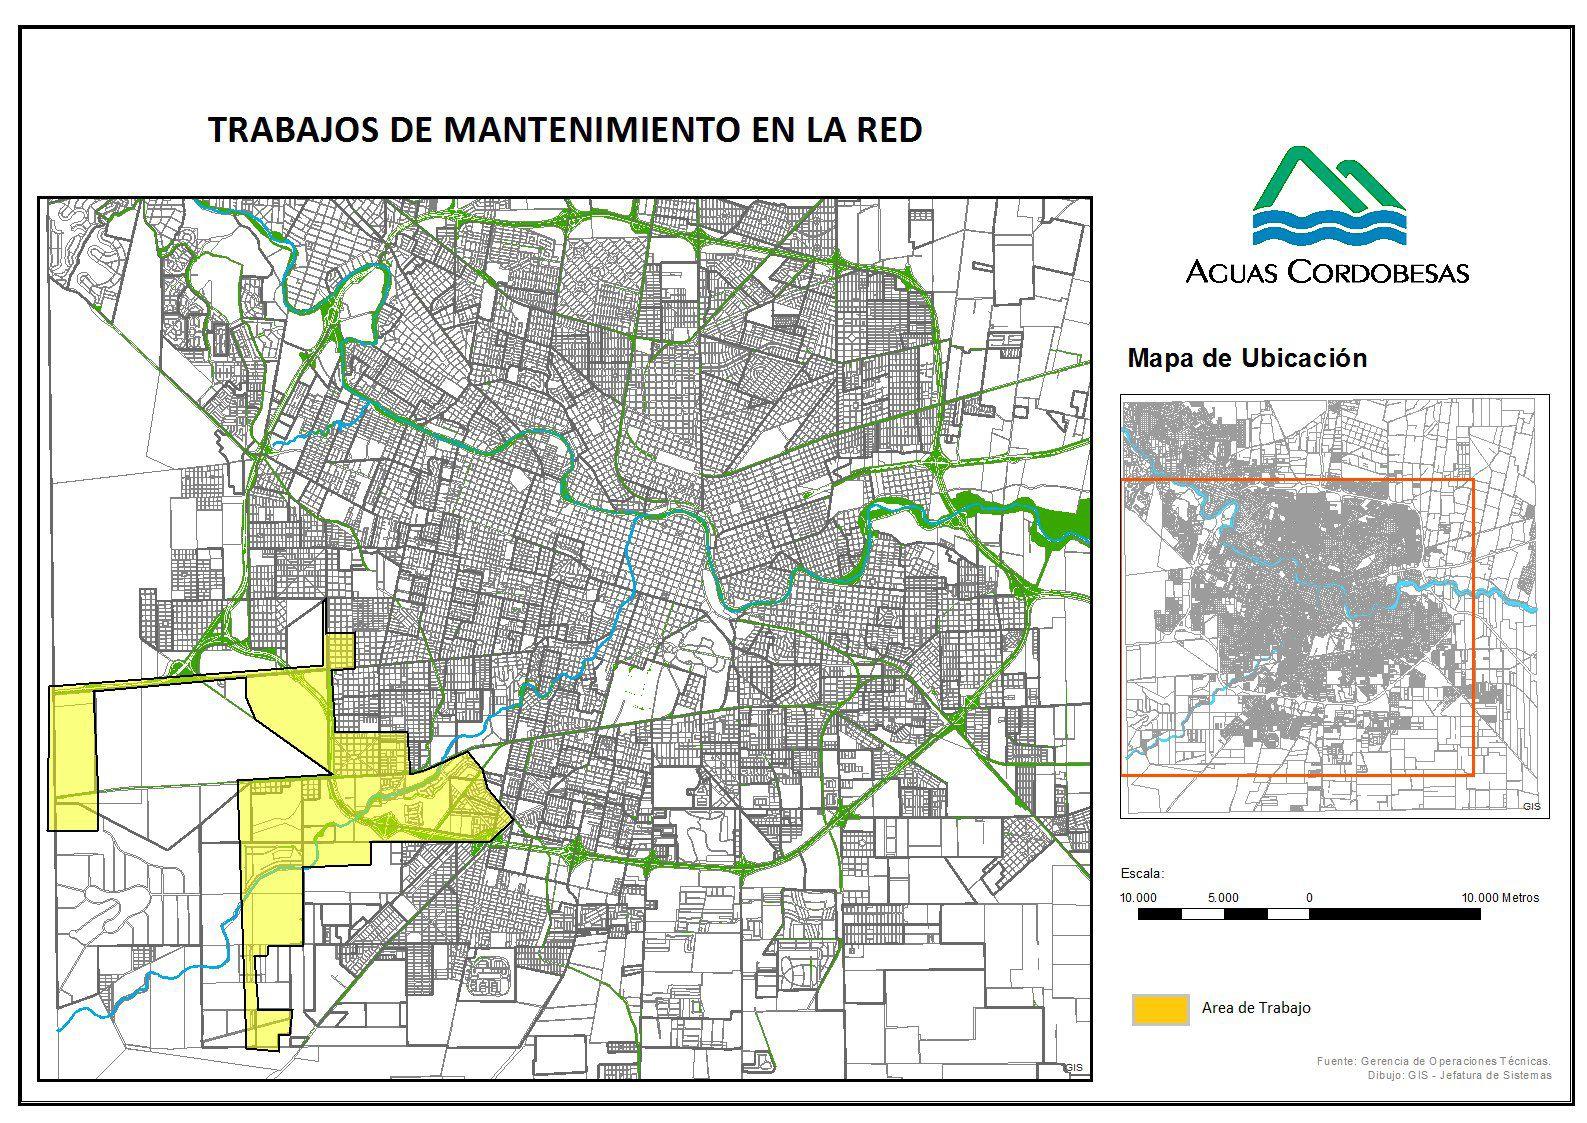 Barrios de la zona suroeste de Córdoba se verían afectados en el suministro durante el jueves.